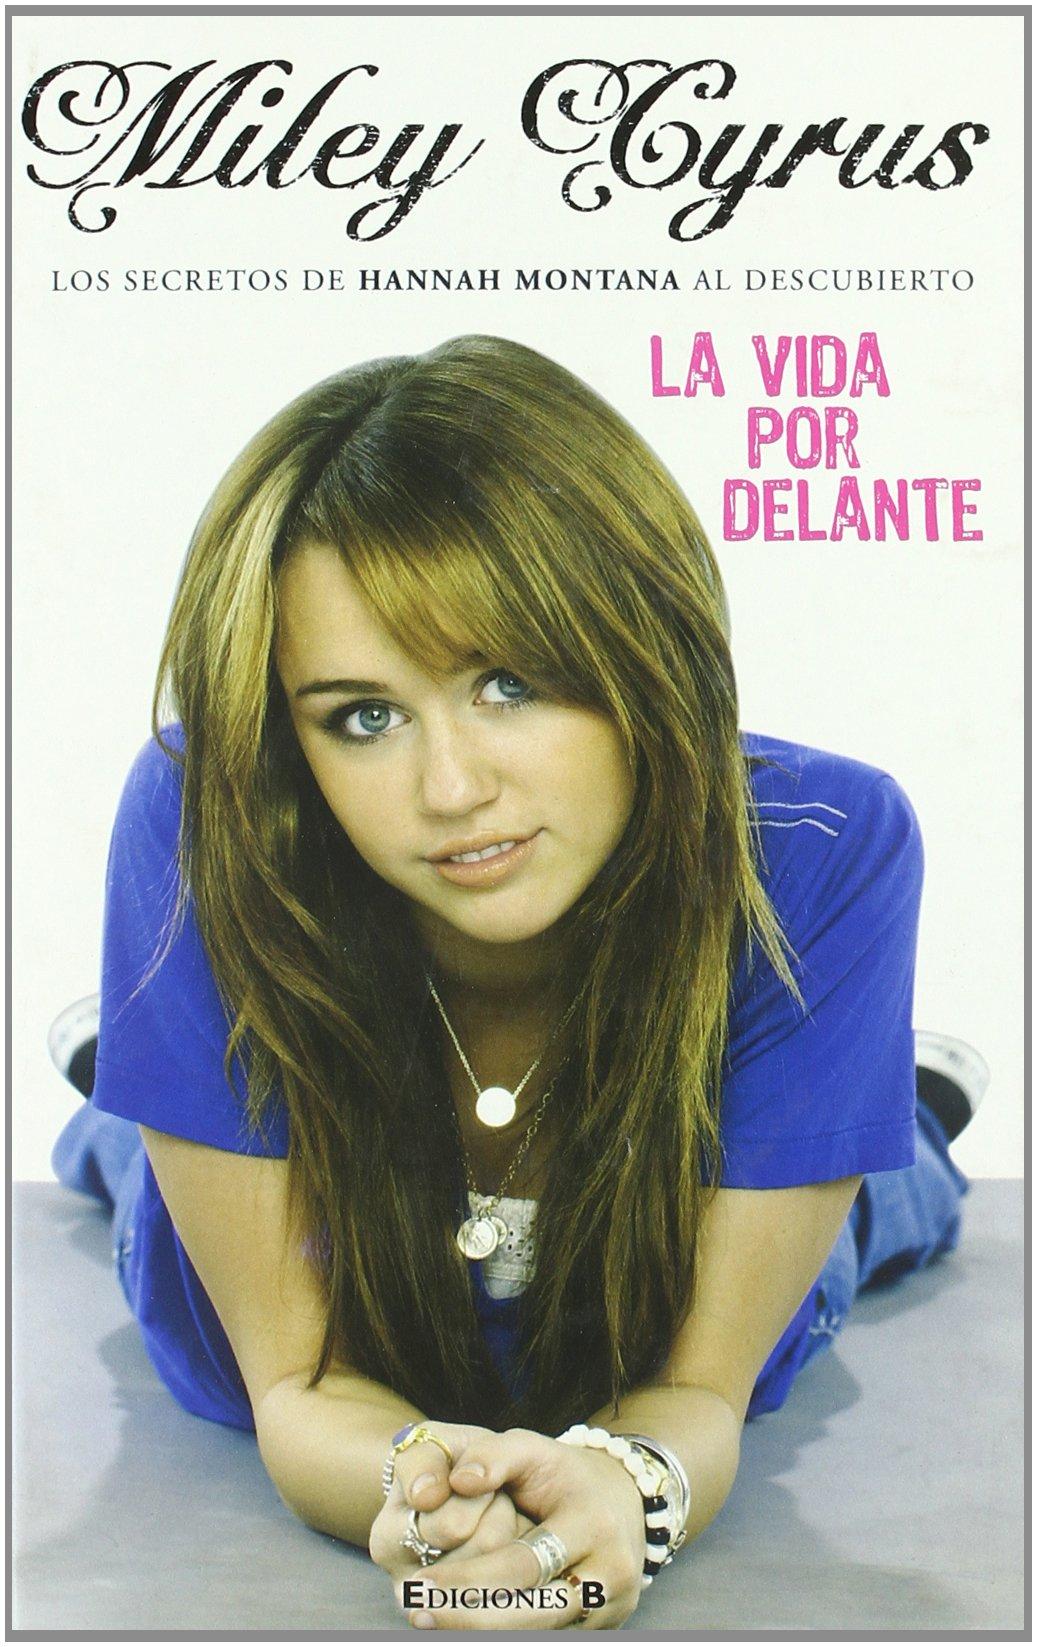 La vida por delante (Spanish Edition) ebook